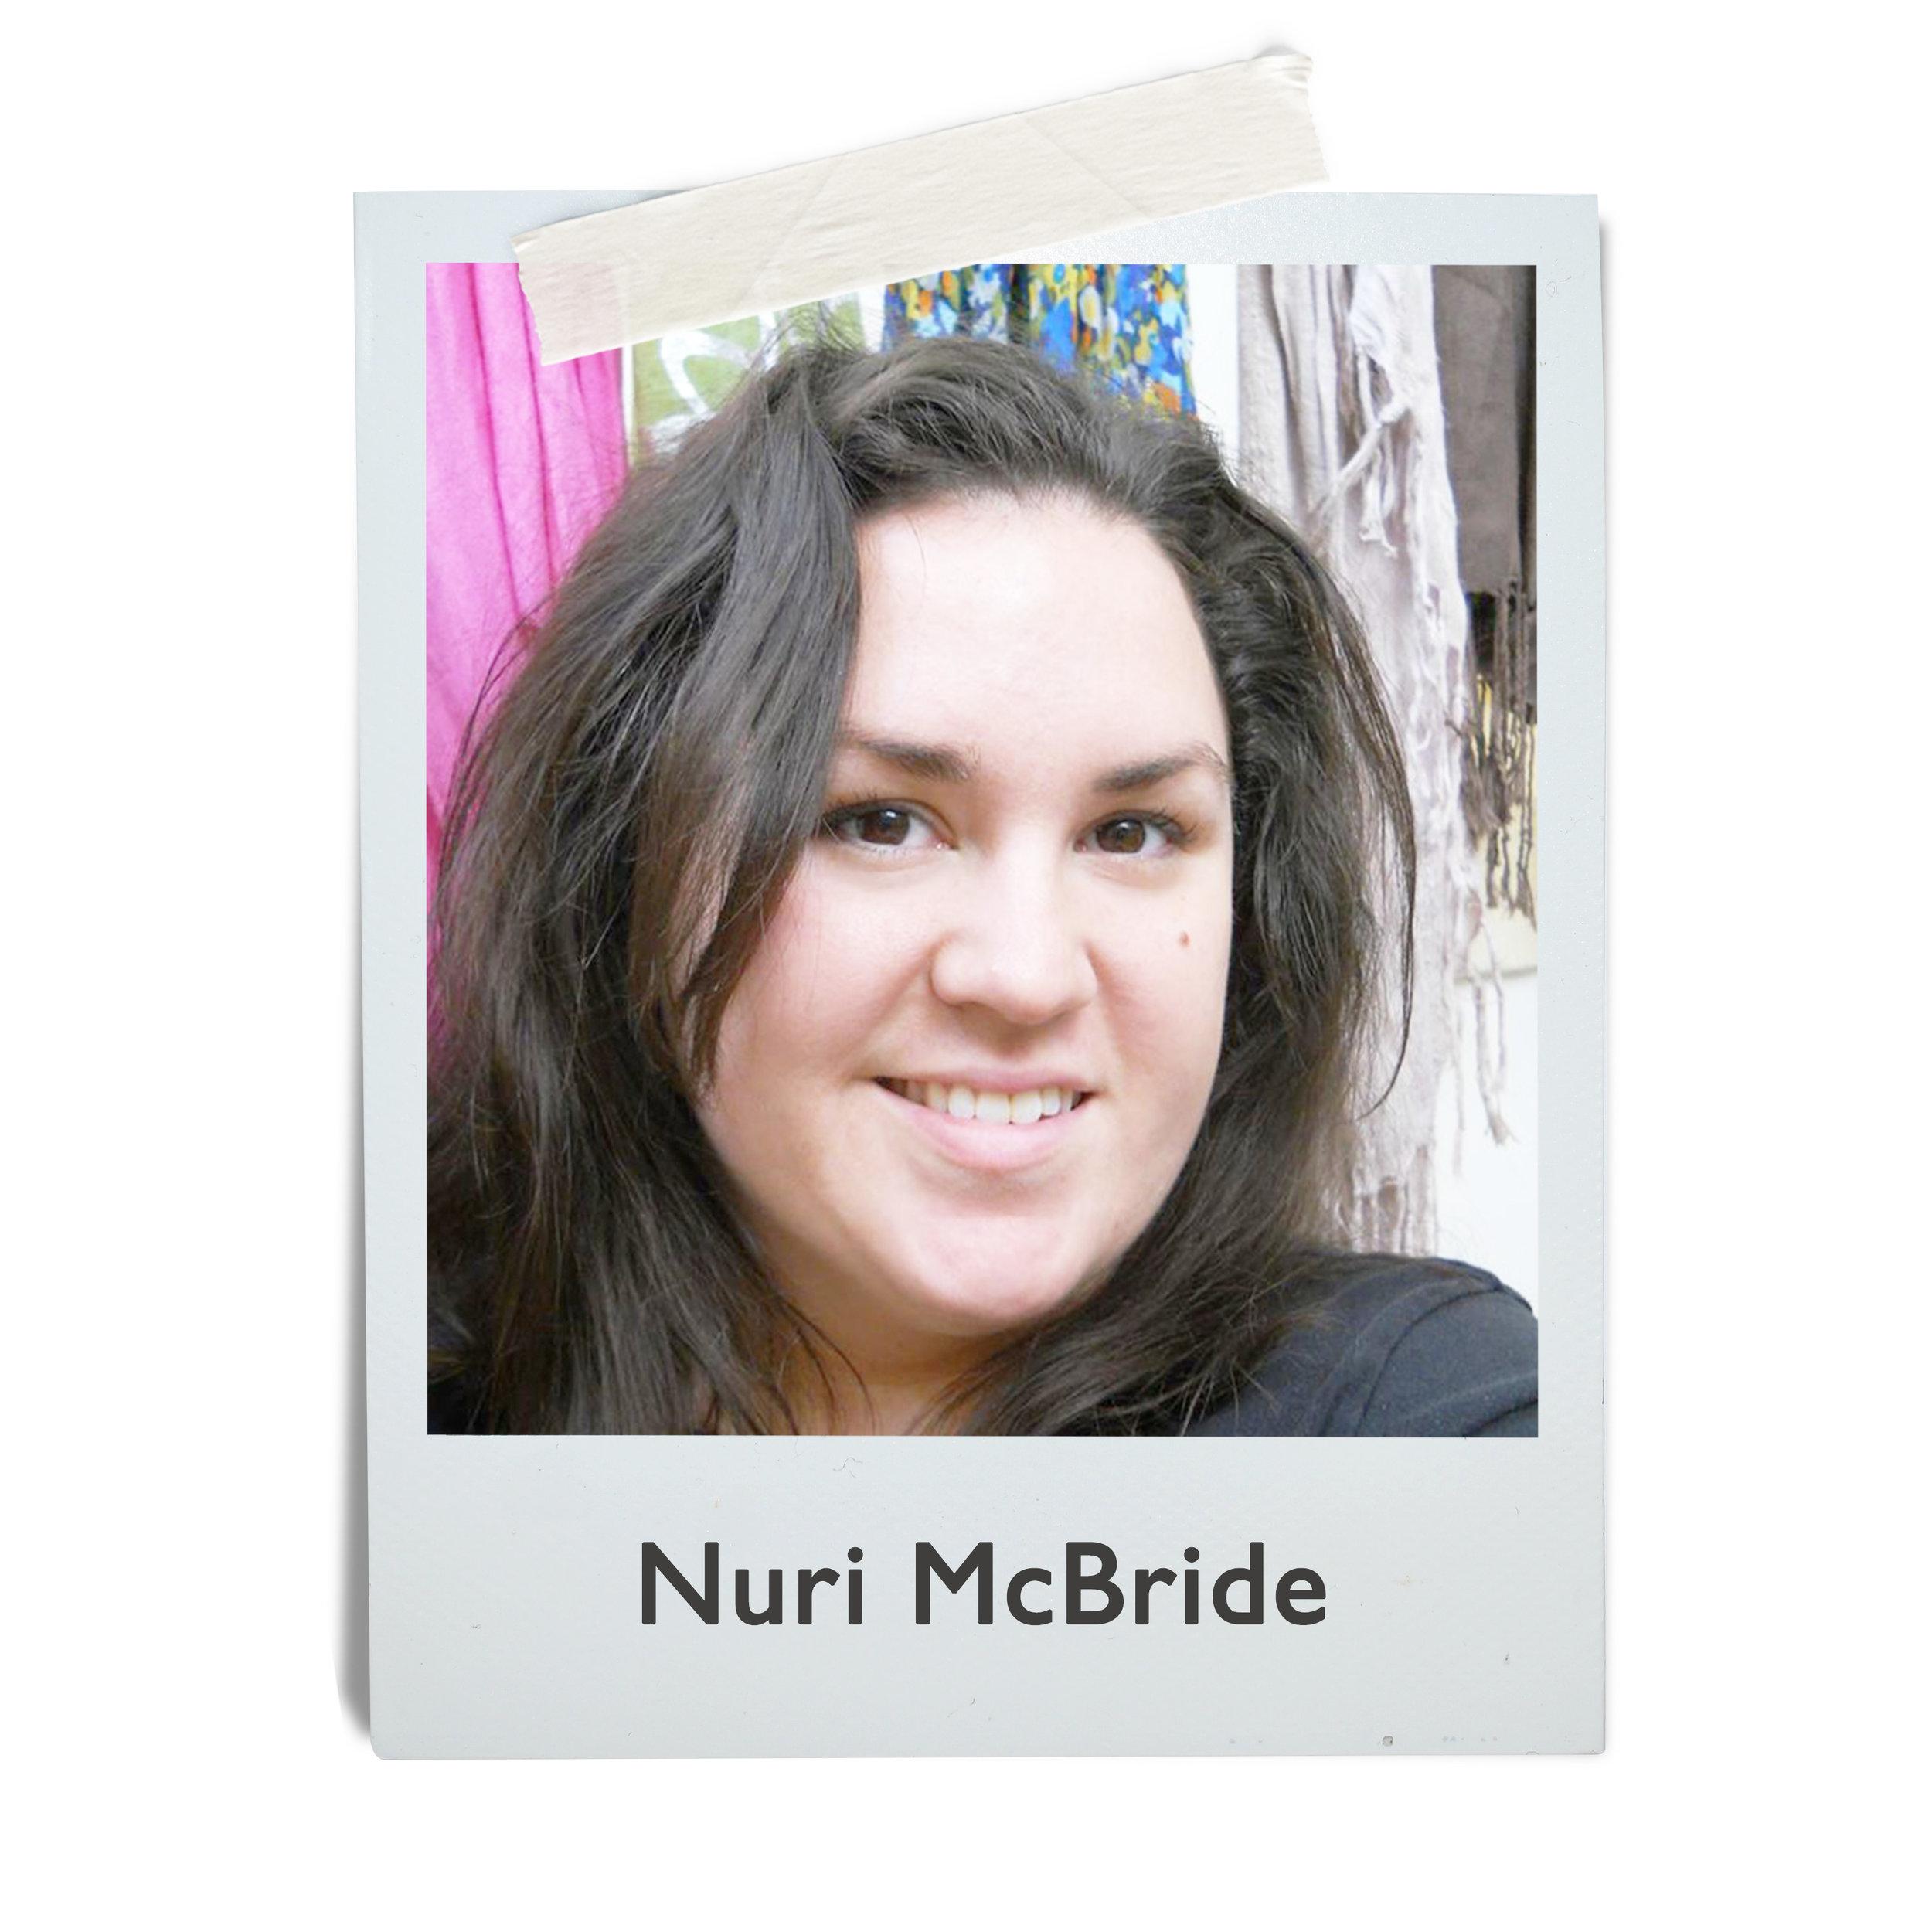 Nuri McBride